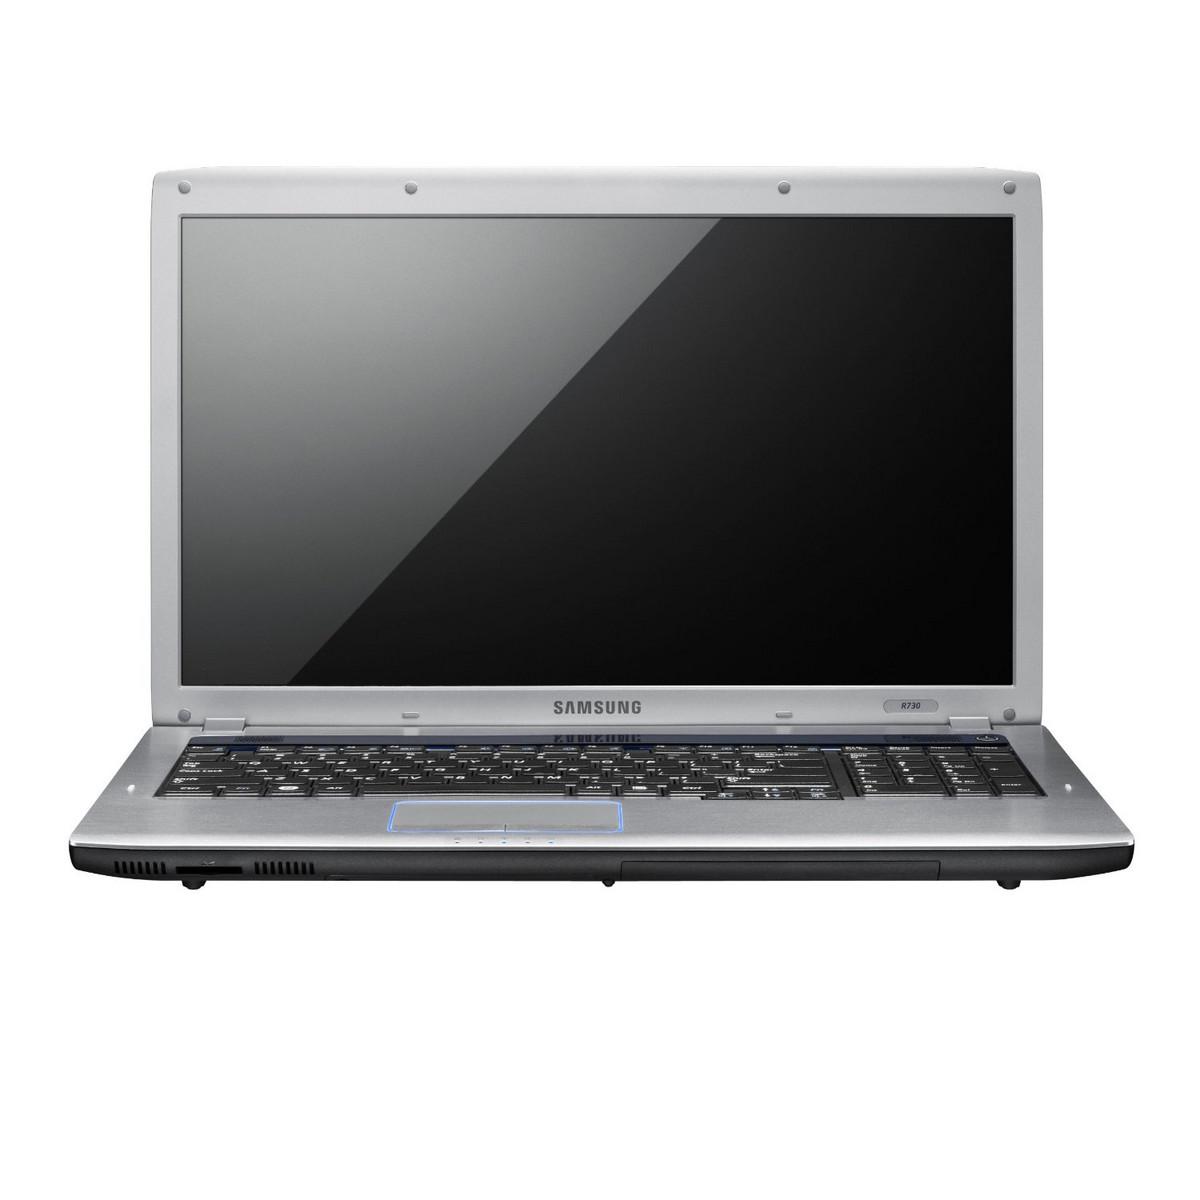 Samsung R730 Series - Notebookcheck net External Reviews